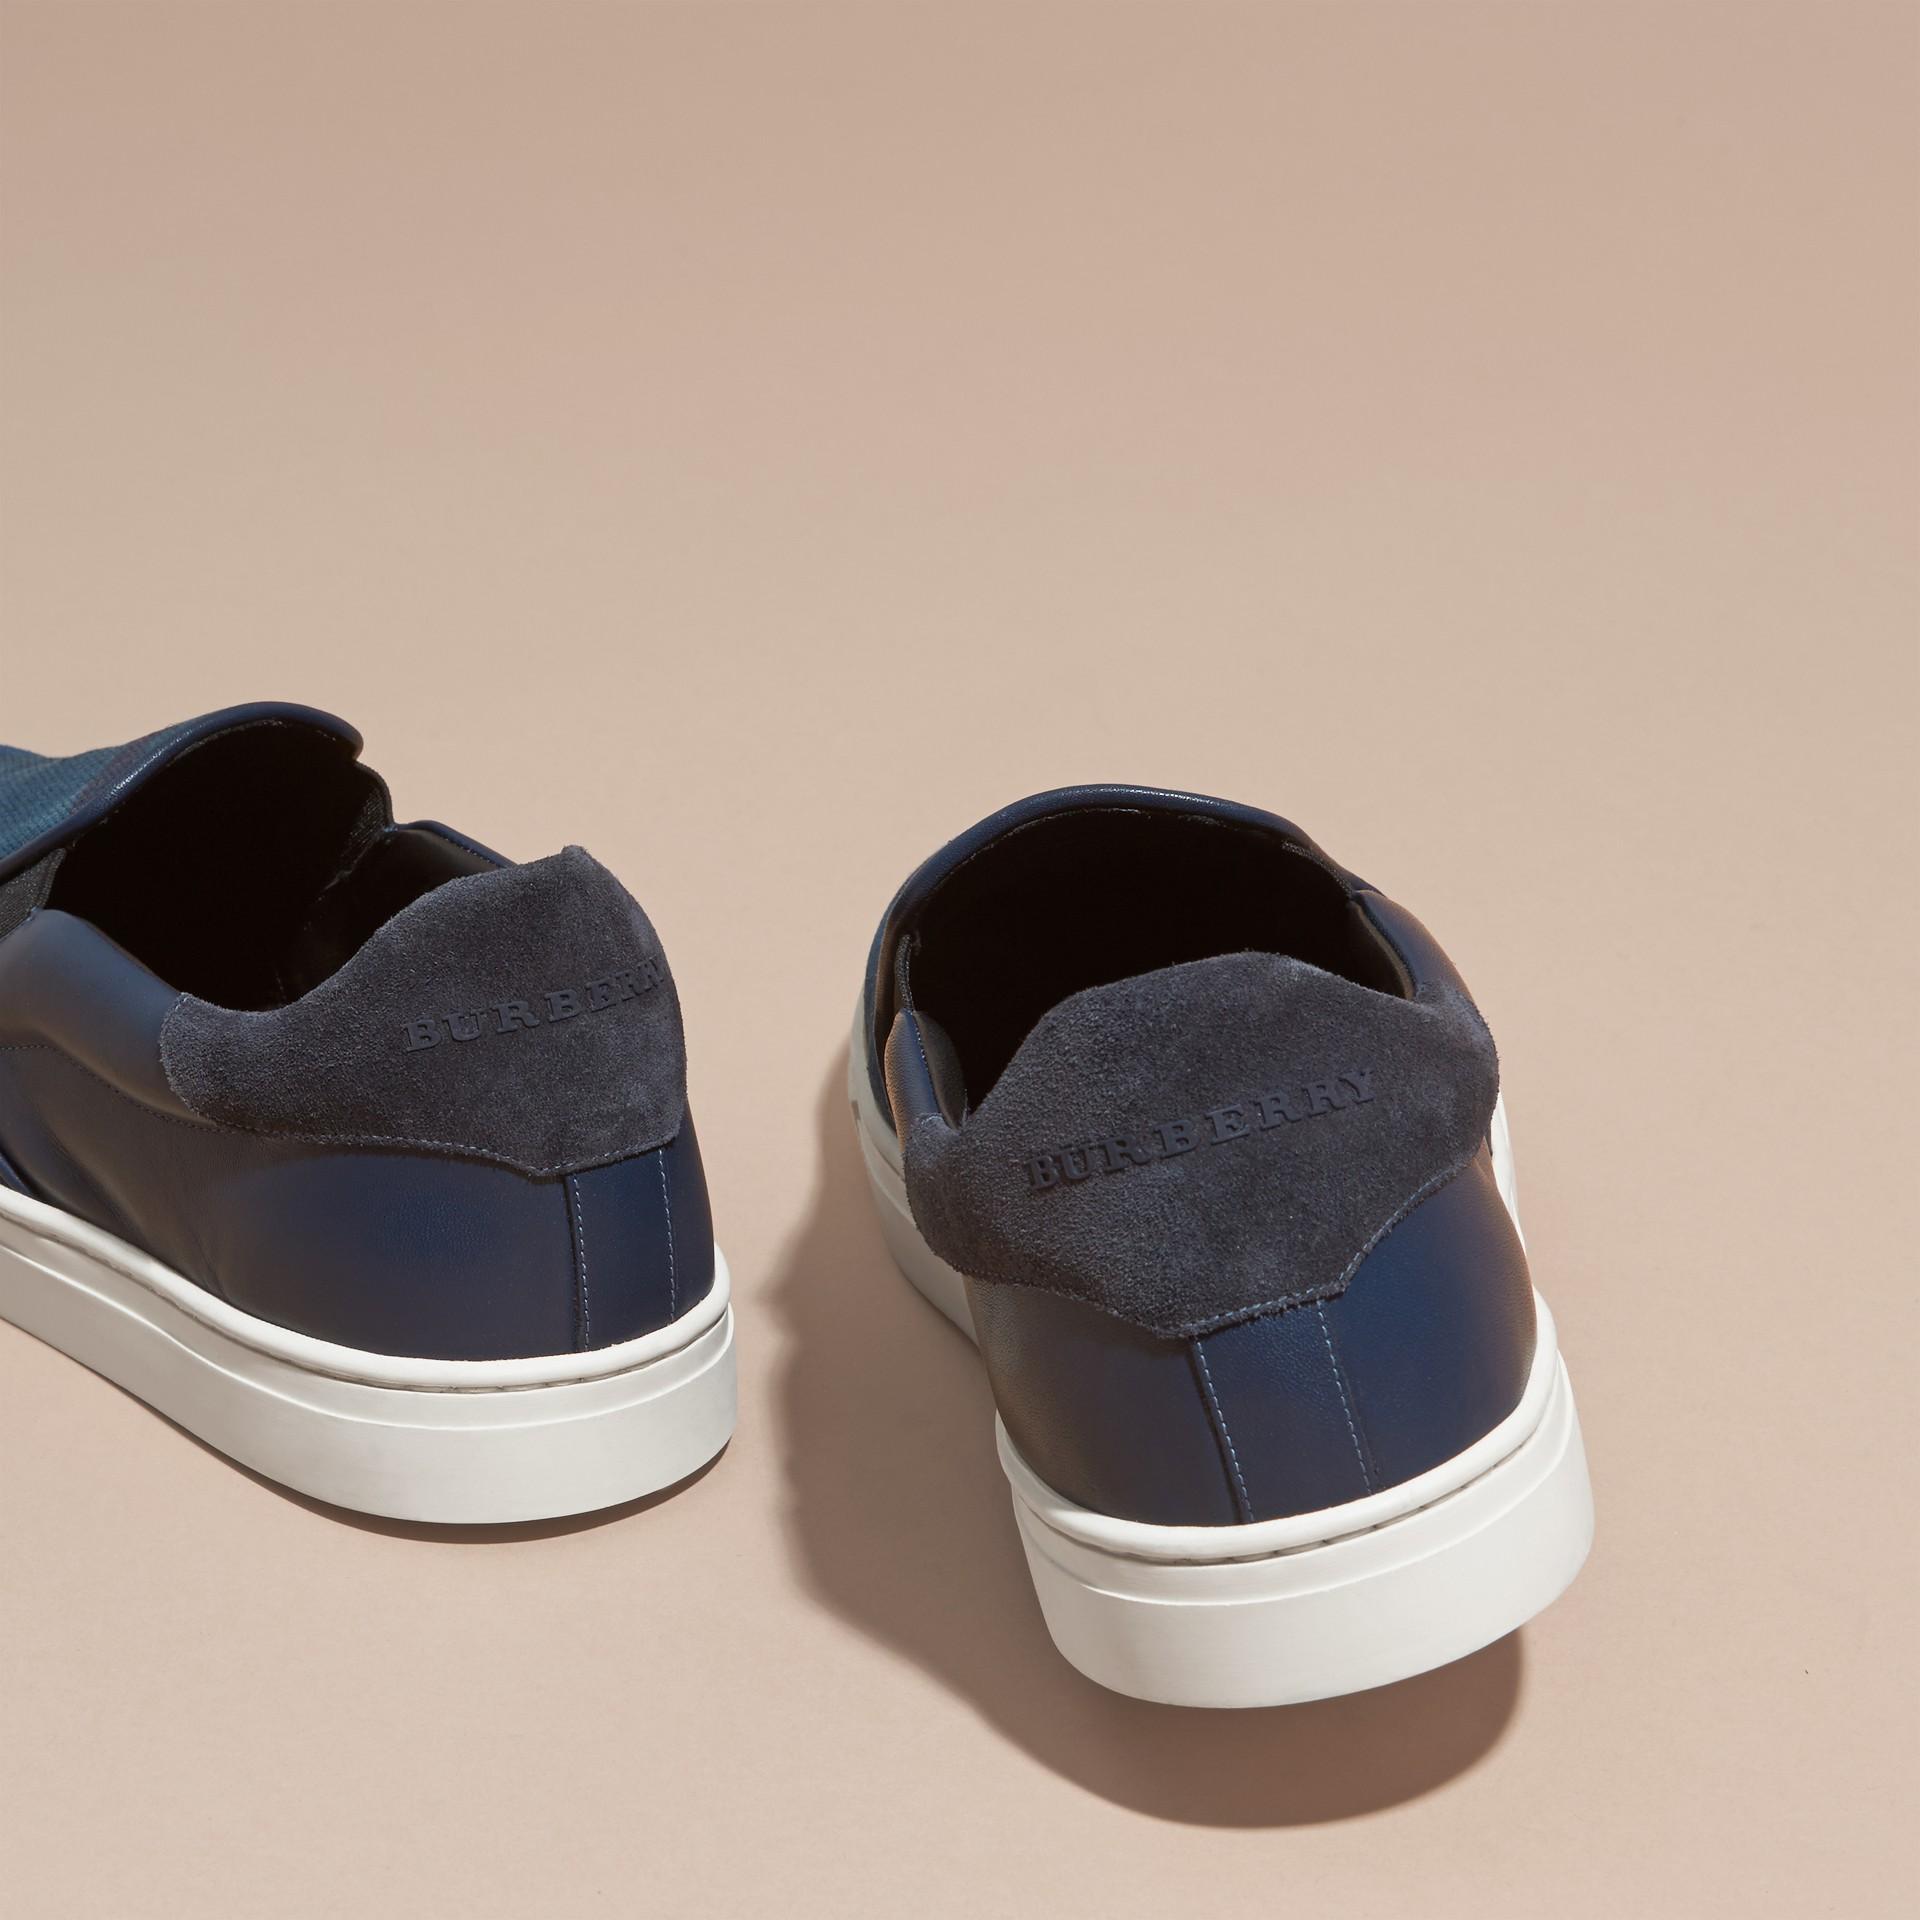 Azul ultramar/negro Zapatillas deportivas sin cordones de piel y checks Canvas Azul Ultramar/negro - imagen de la galería 4